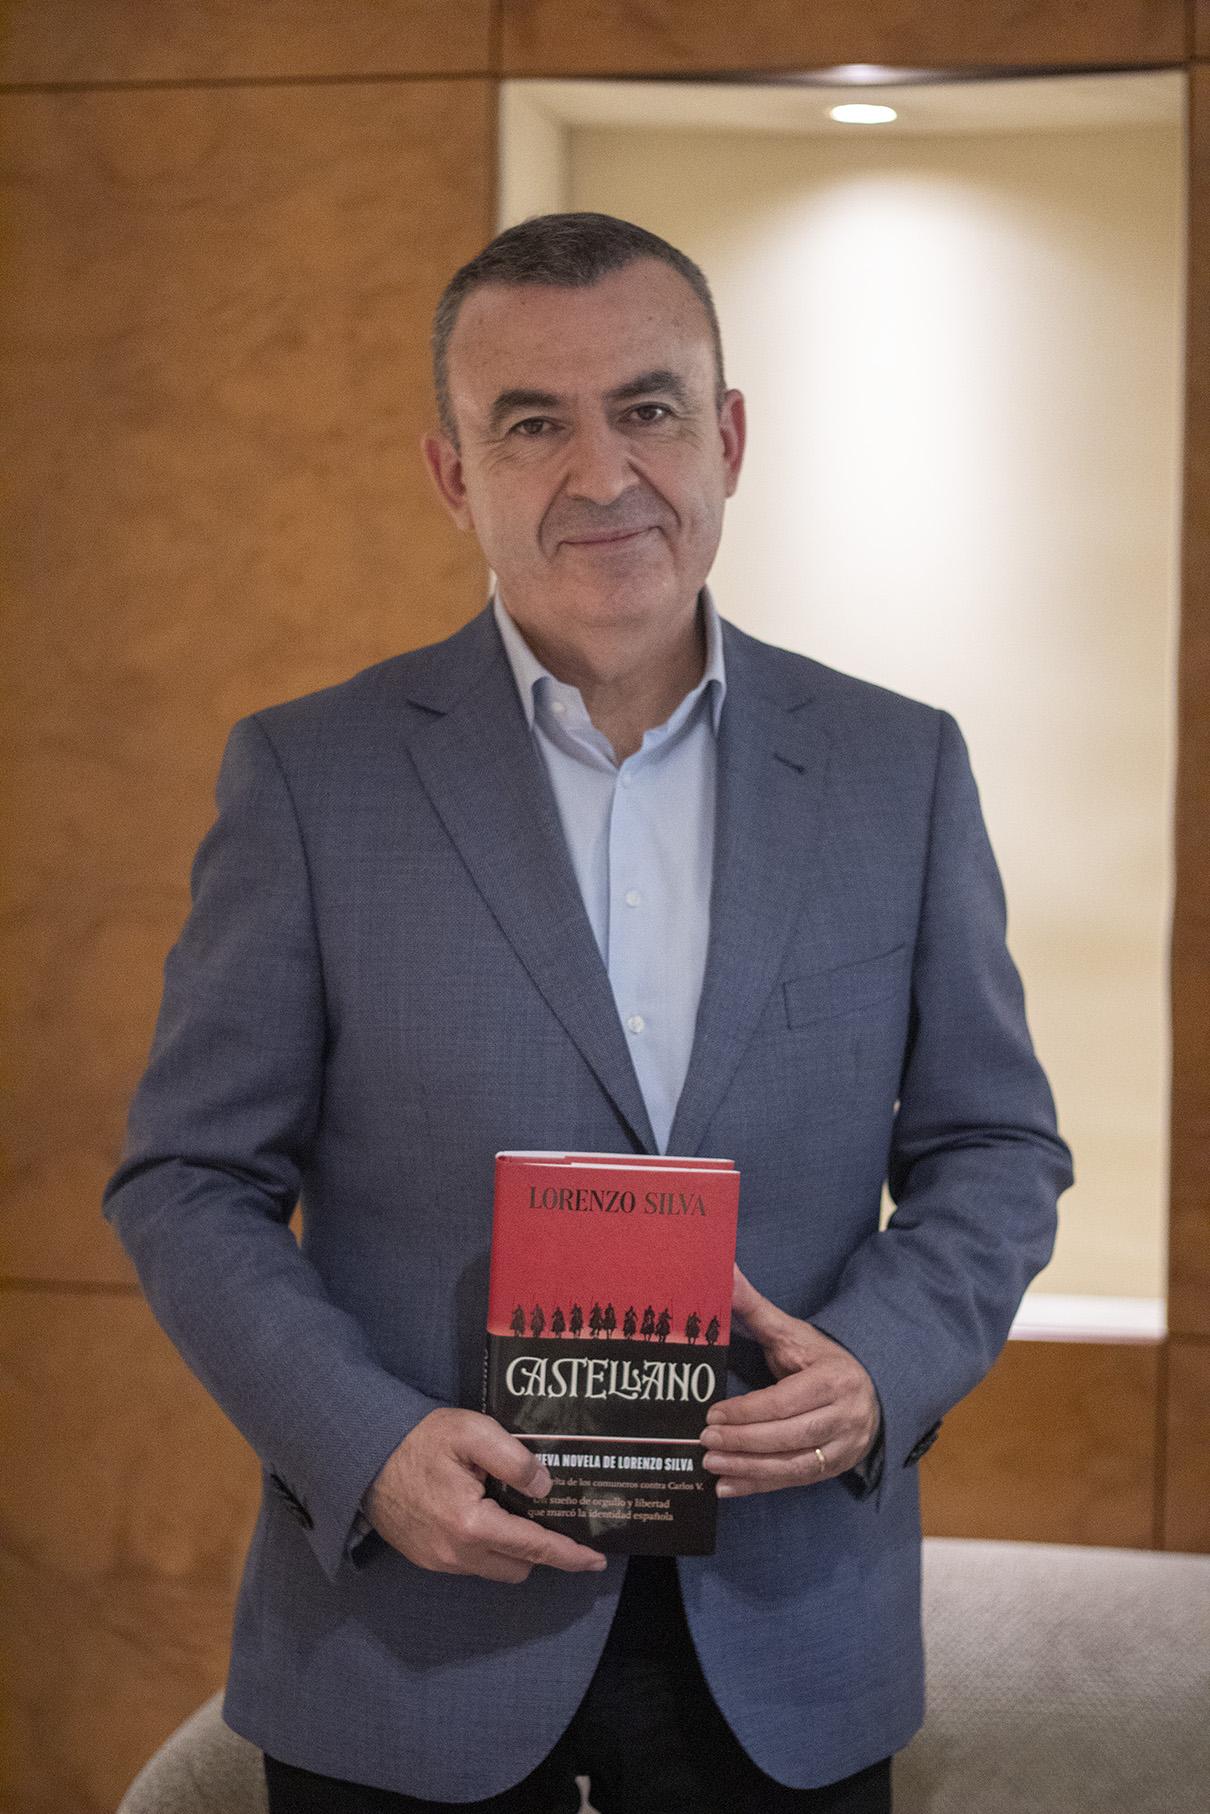 """Lorenzo Silva: """"La identidad se ha convertido en un asunto de la colectividad gestionado al margen del individuo"""""""